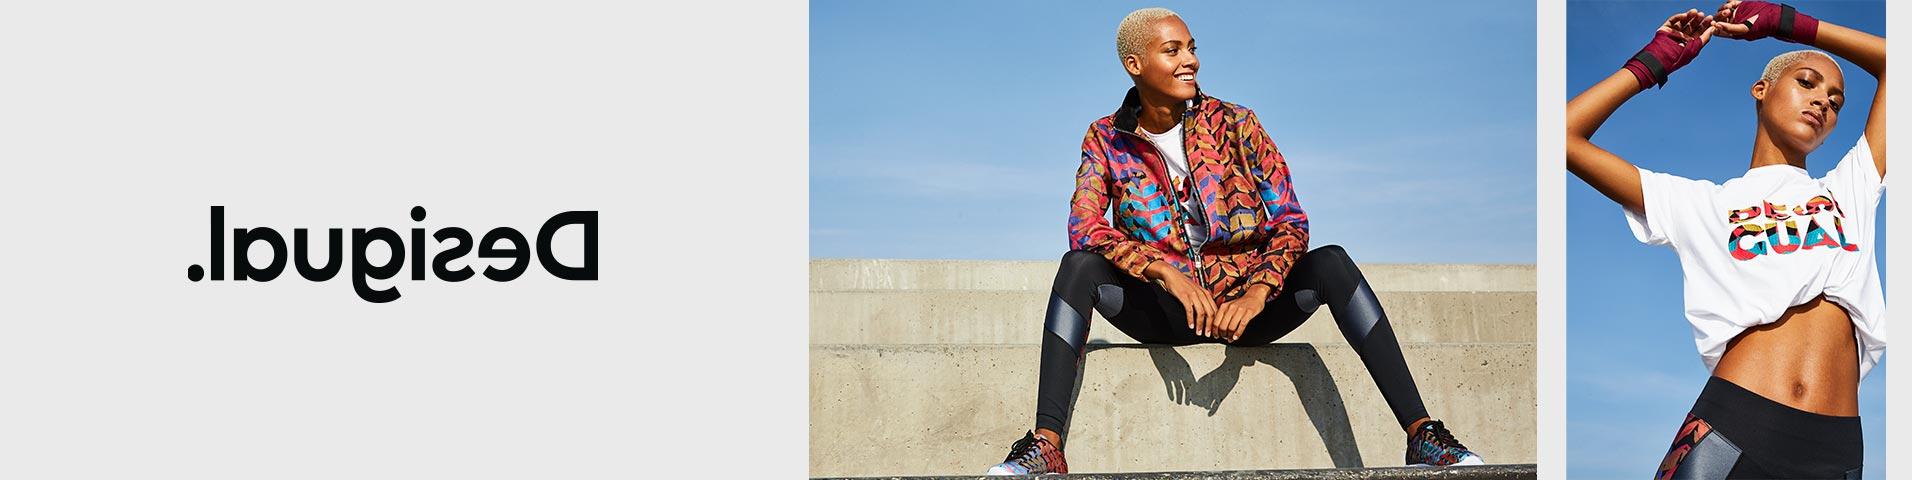 e27ed7a55 Vêtements de sport Femme Desigual | Tous les articles chez Zalando